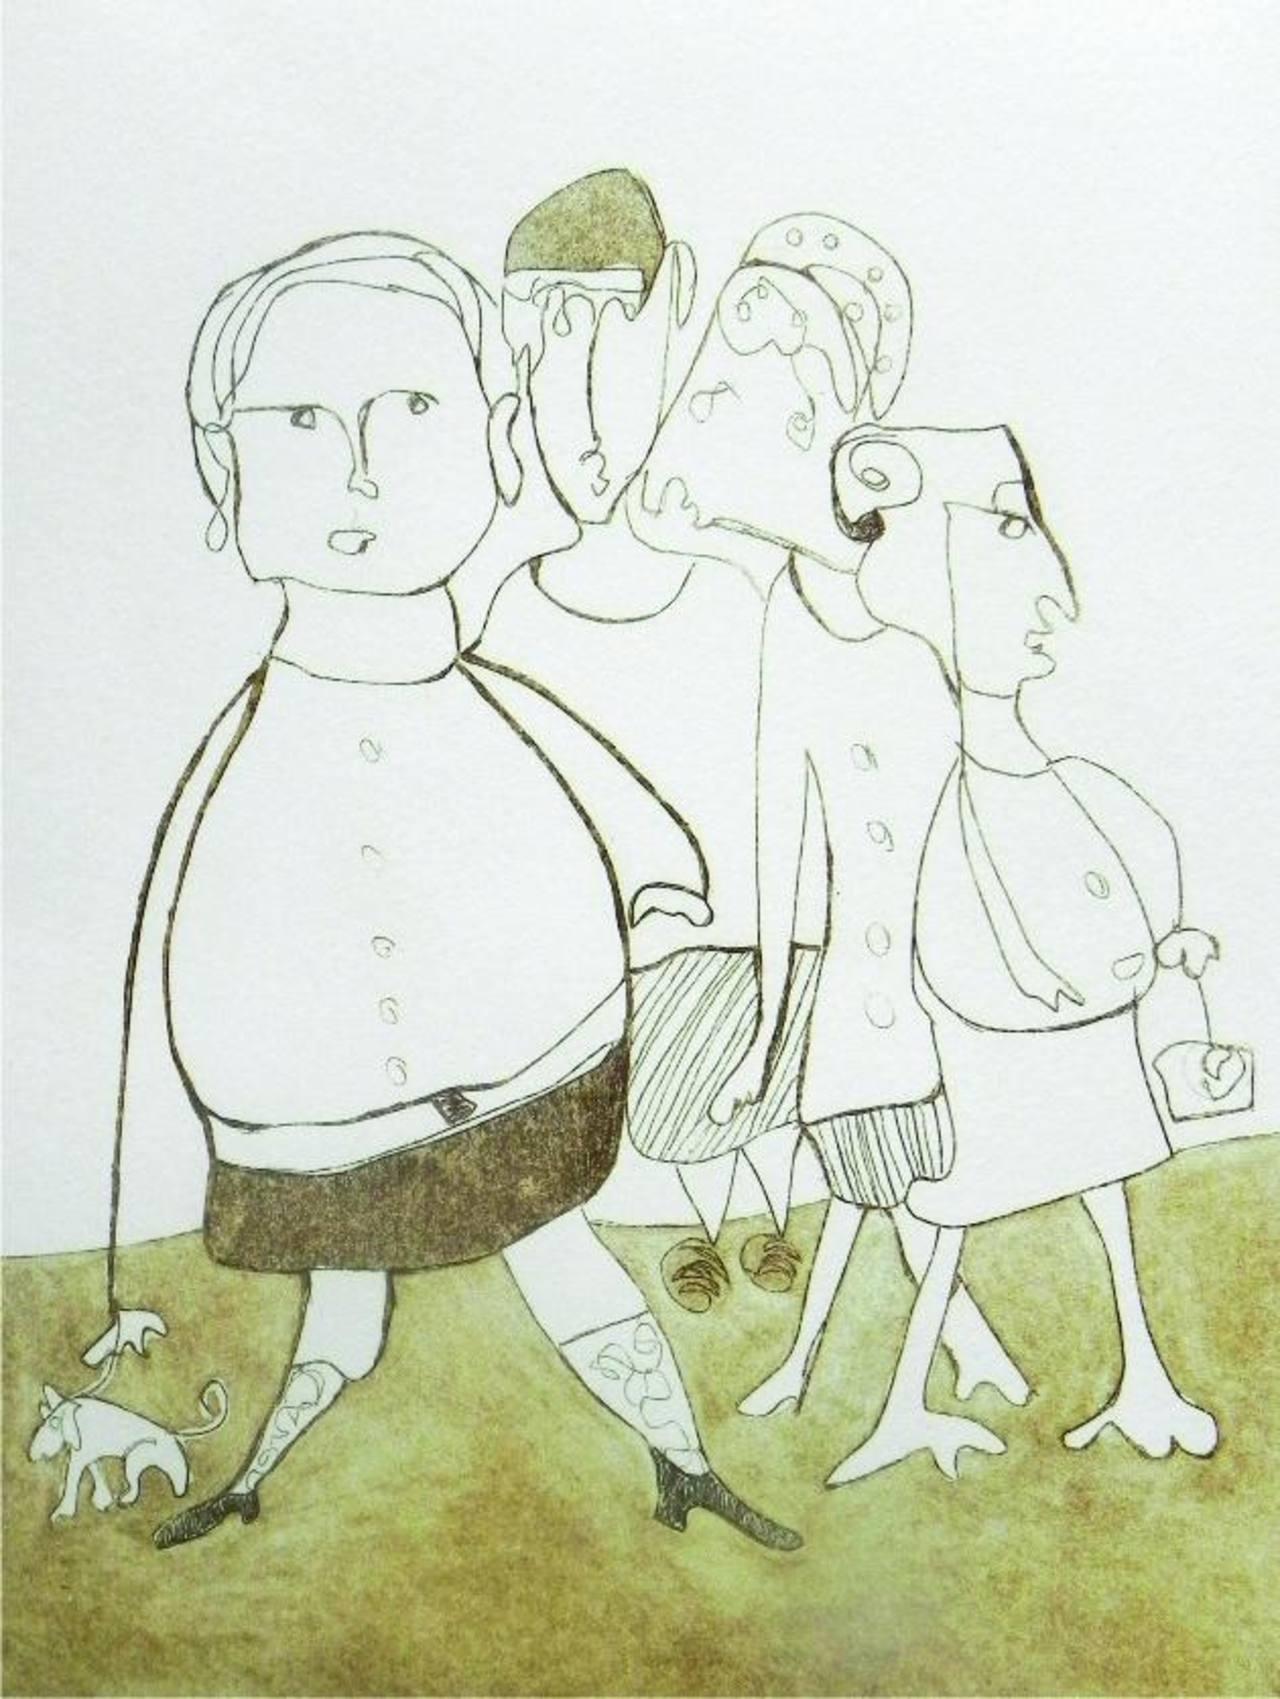 Grabado de Lycri Bicard, participante de la exhibición.